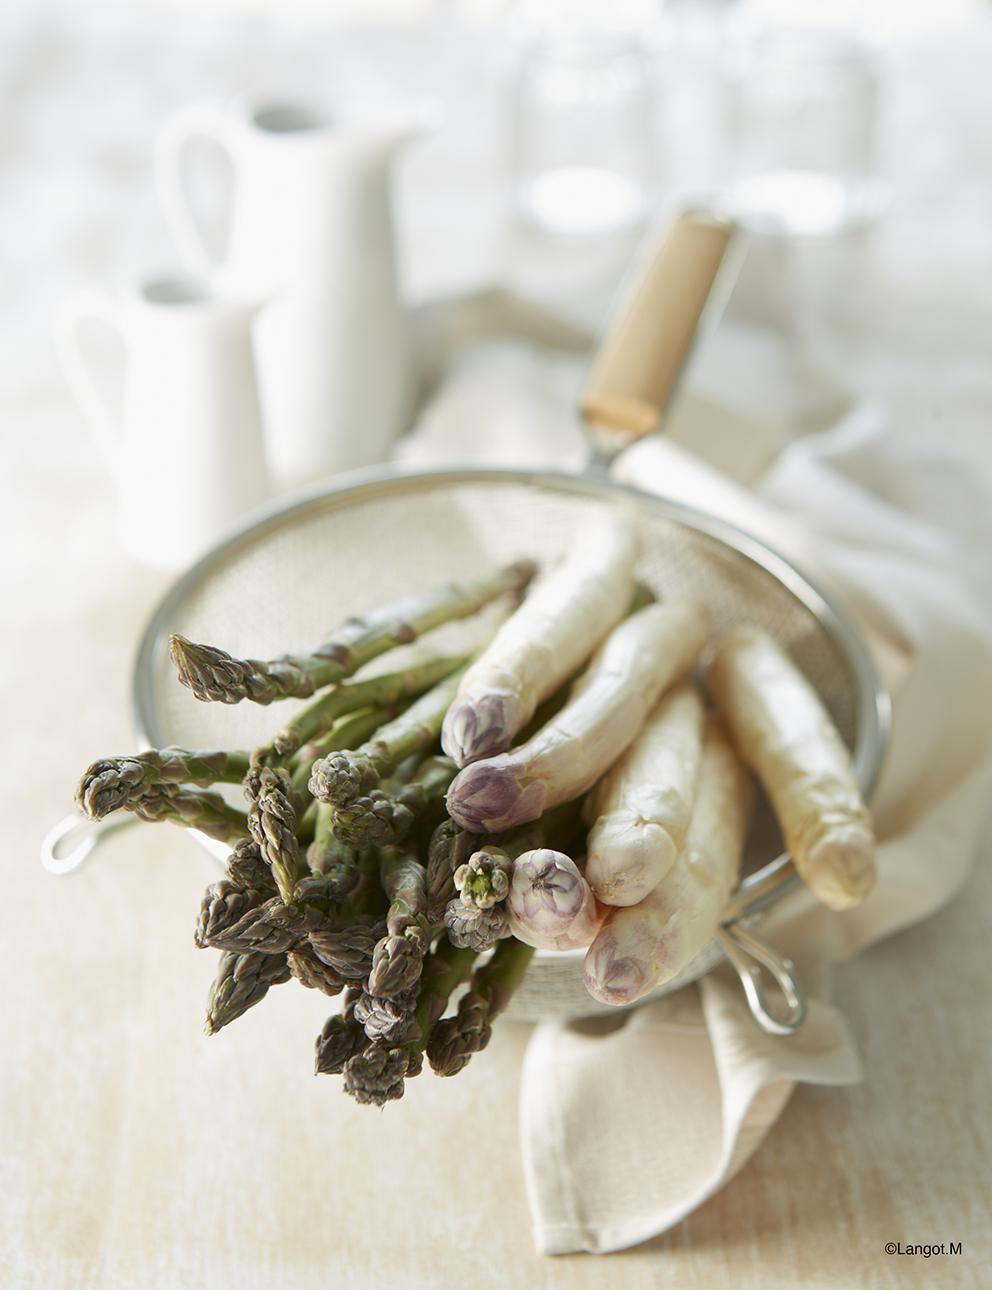 asparagi in cucina